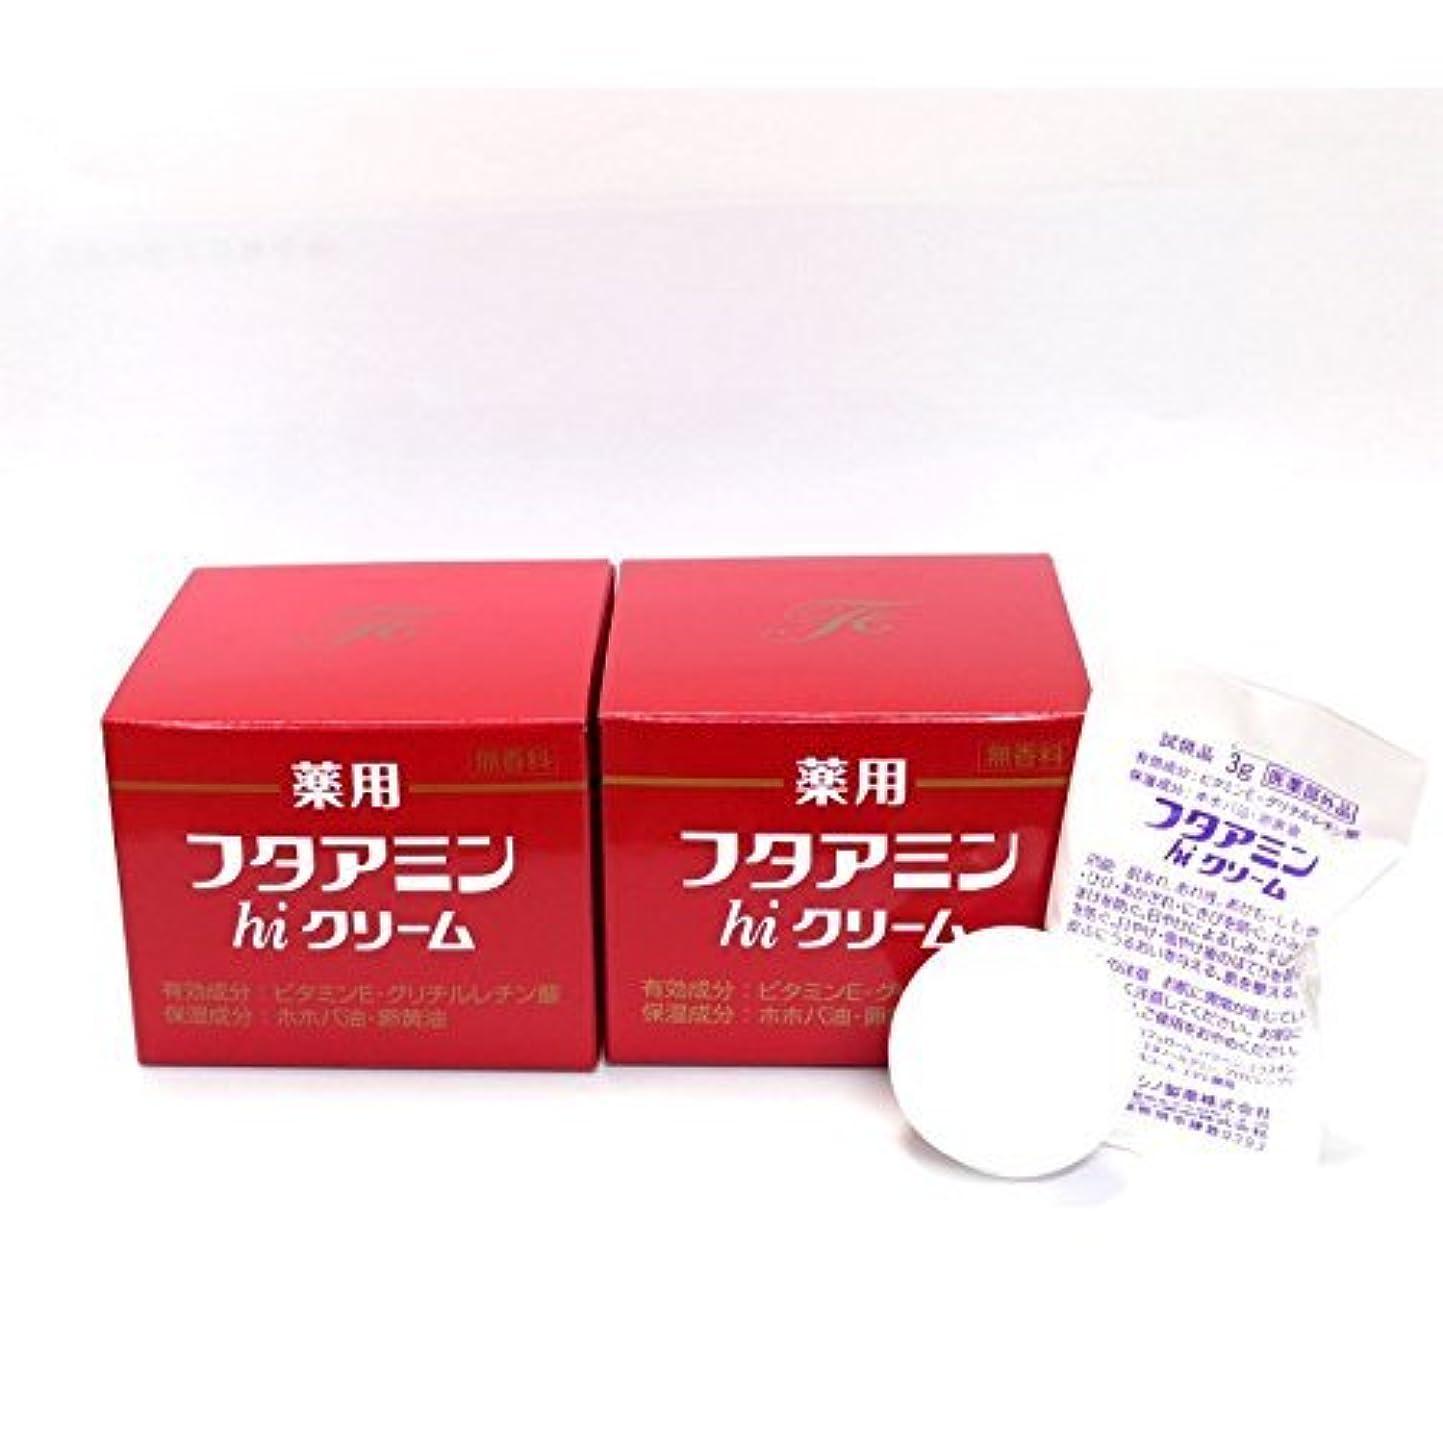 対抗休眠機構フタアミンhiクリーム 130g 2個セット  3gサンプル2個付